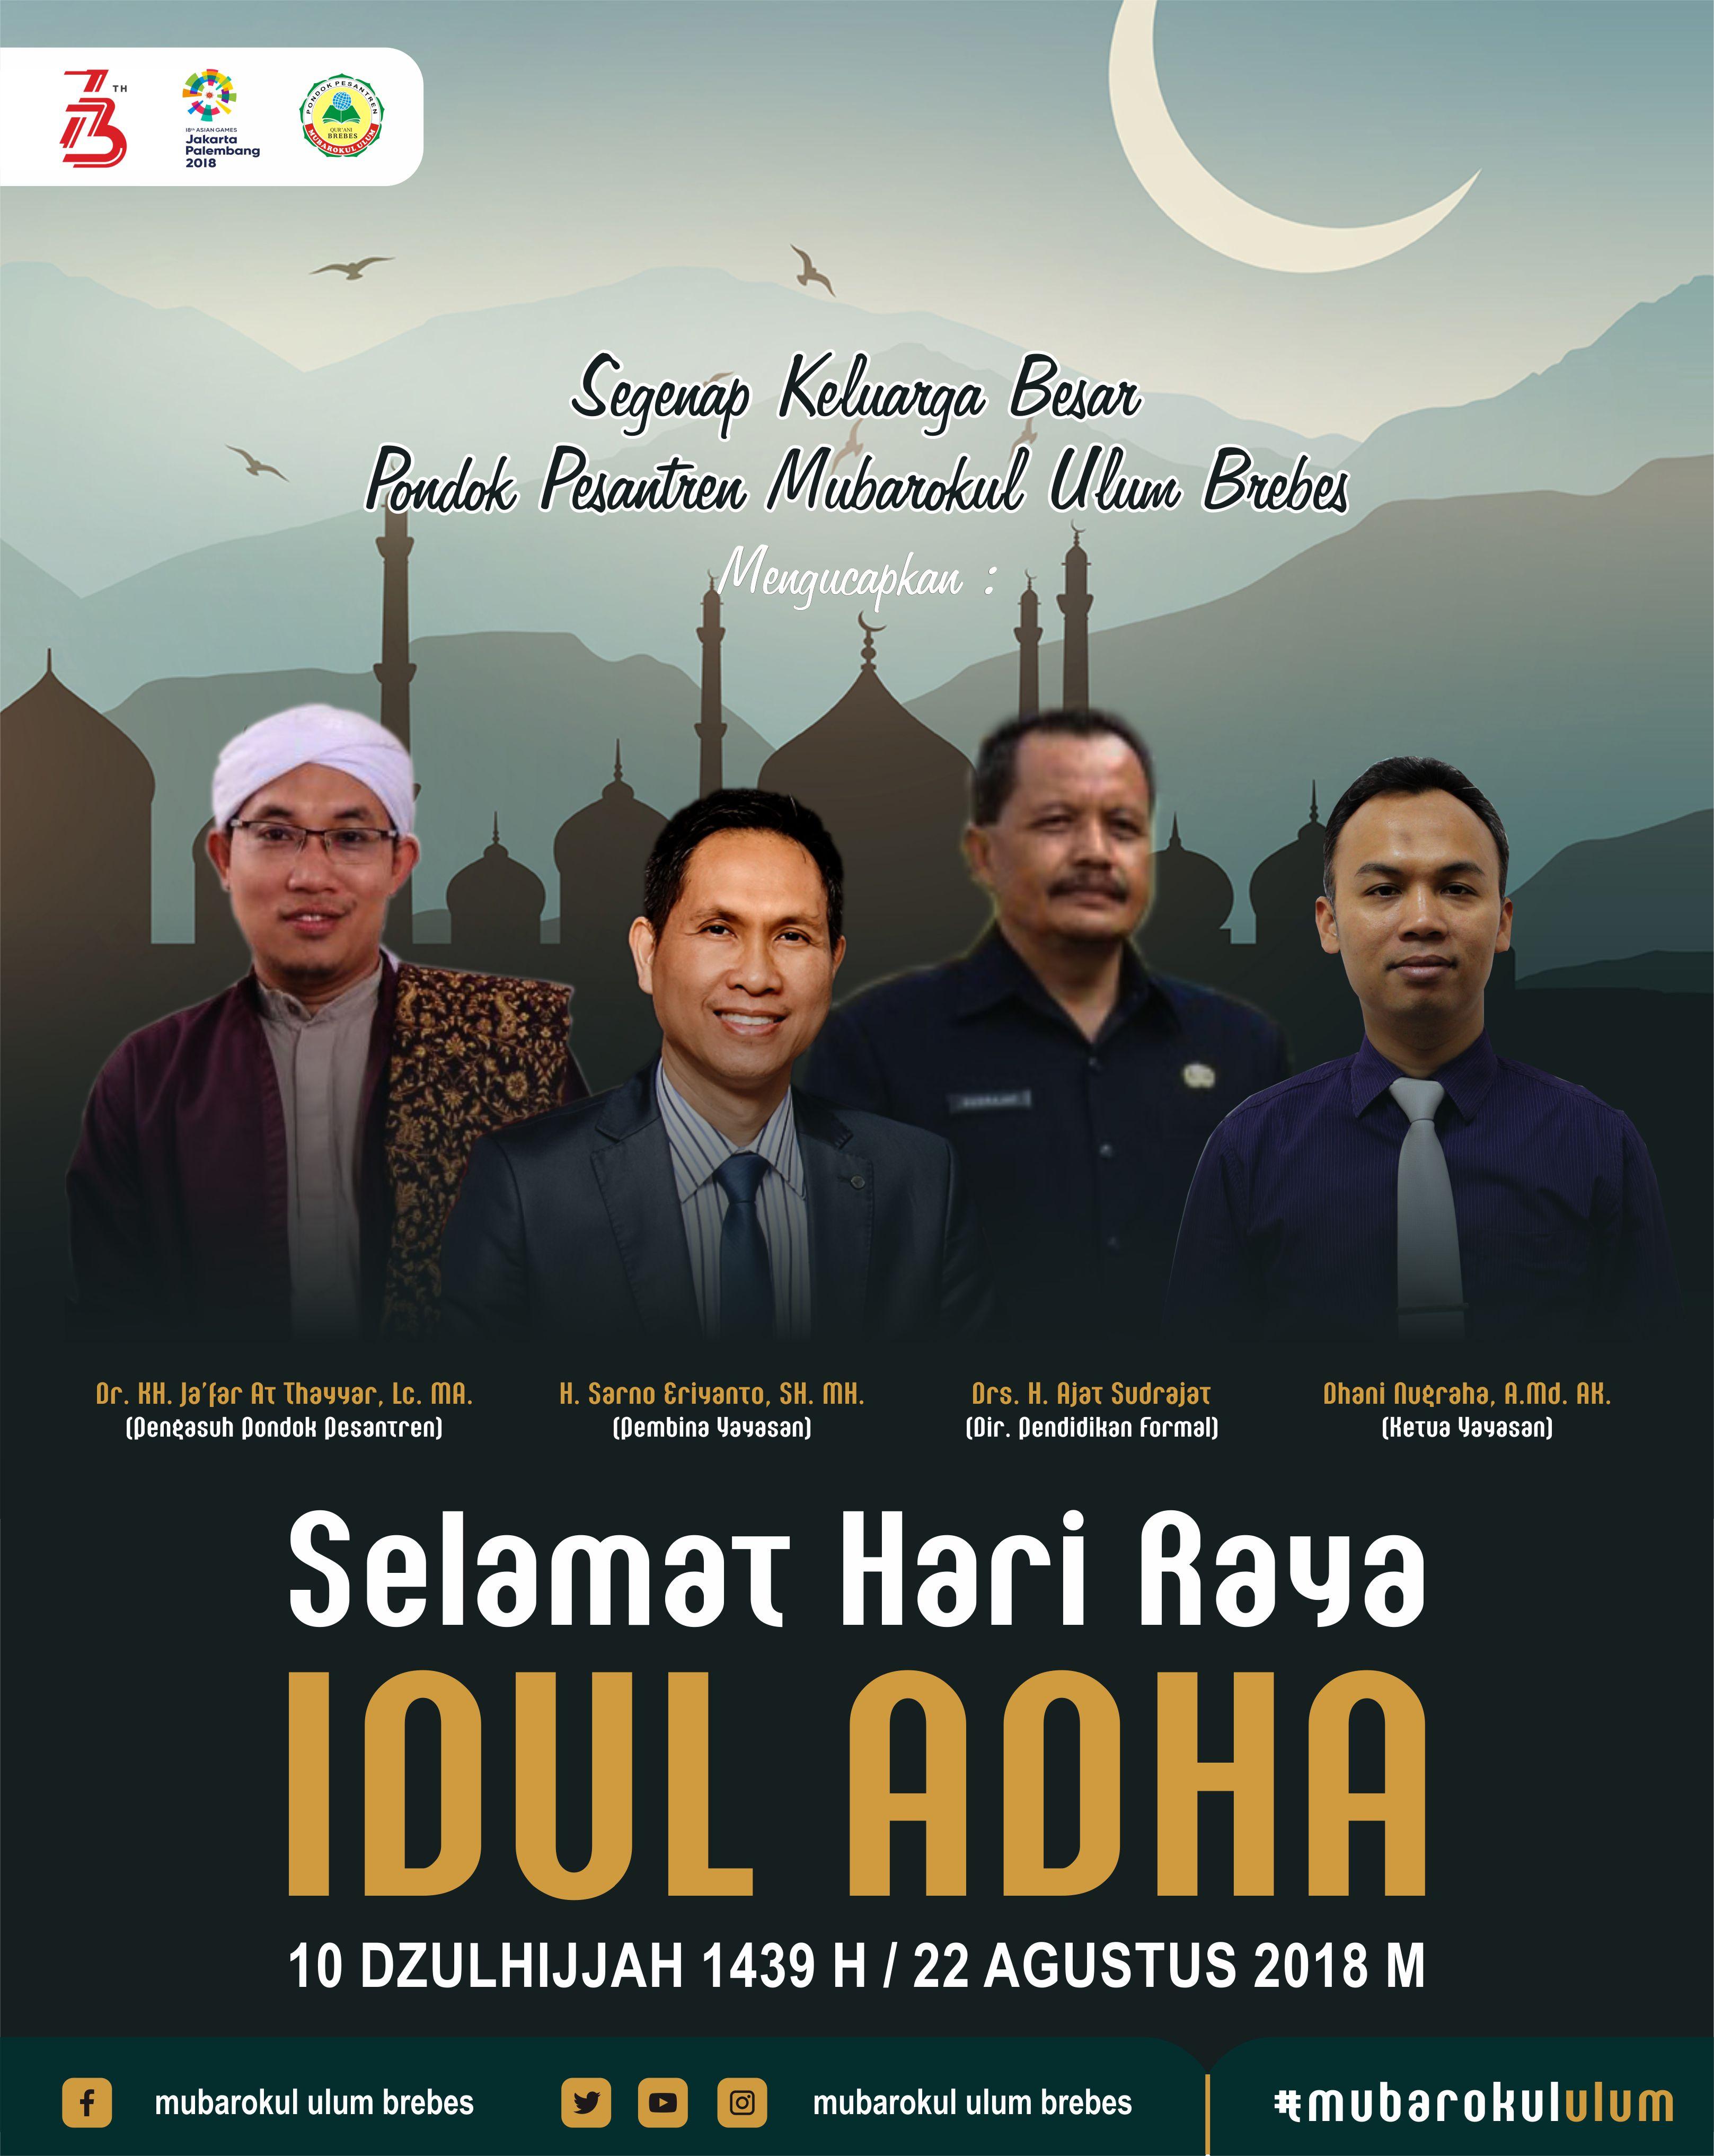 Idul Adha Cdr : Poster, Tulisan